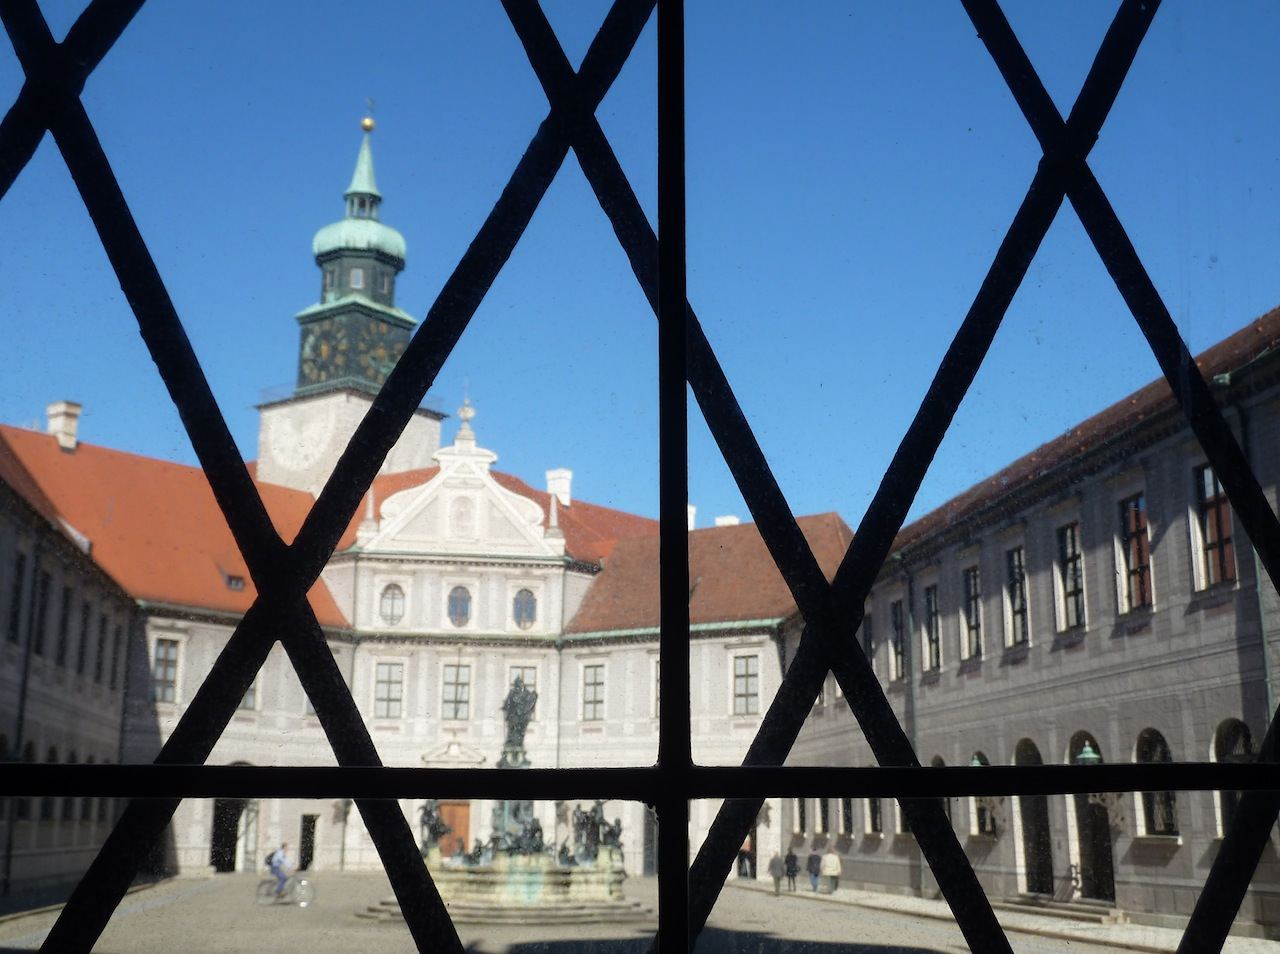 Munich: The Spirit of Bavaria